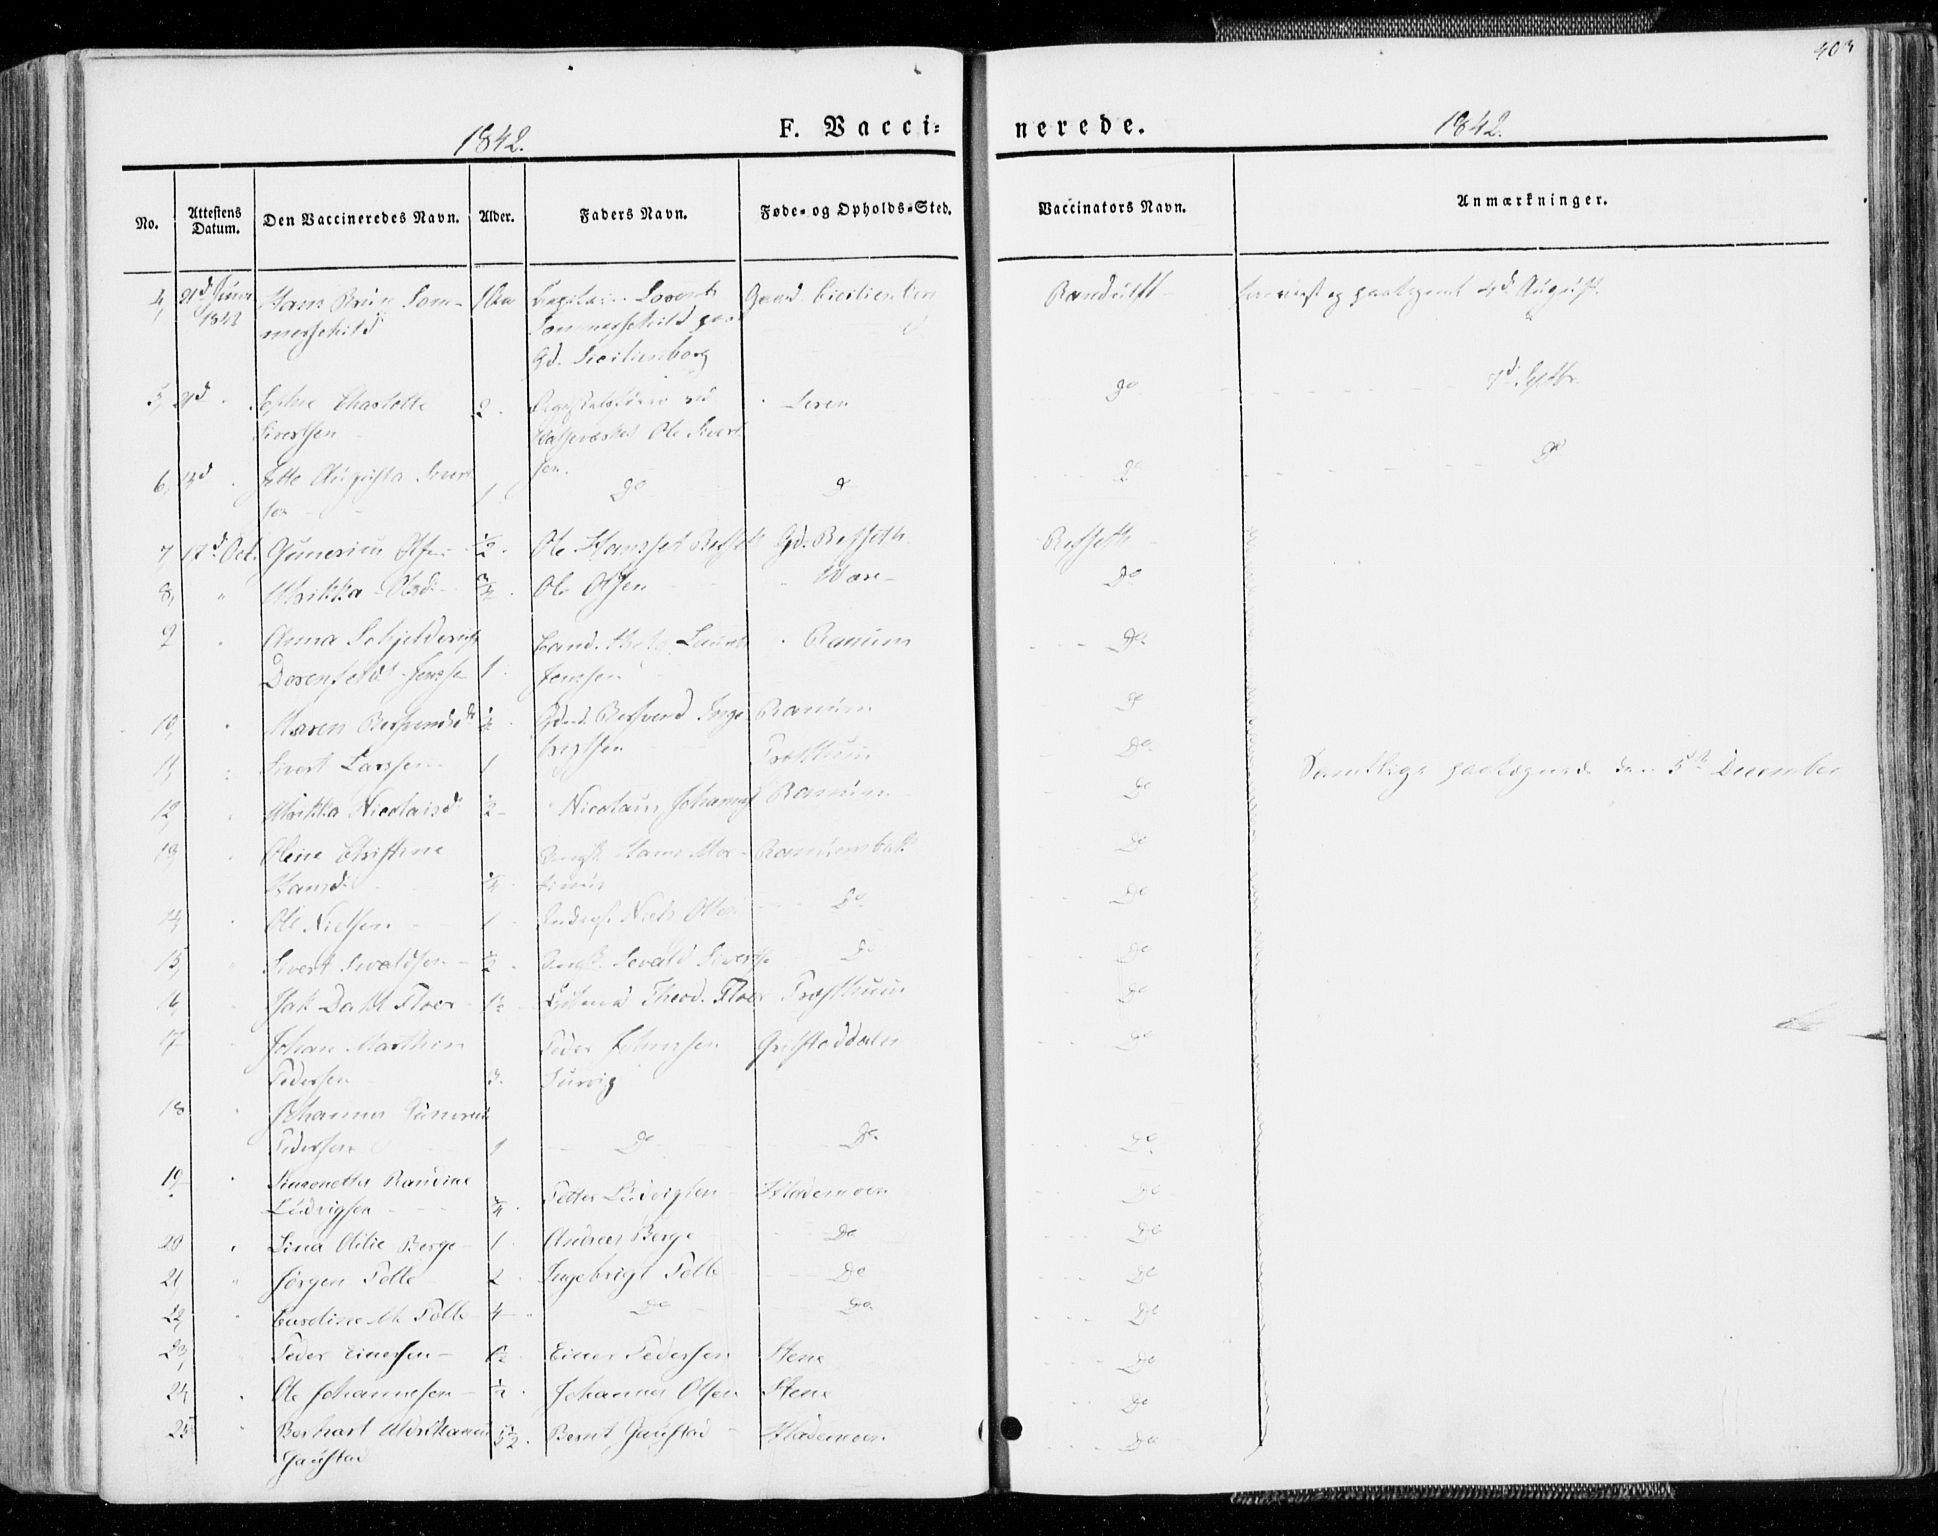 SAT, Ministerialprotokoller, klokkerbøker og fødselsregistre - Sør-Trøndelag, 606/L0290: Ministerialbok nr. 606A05, 1841-1847, s. 403